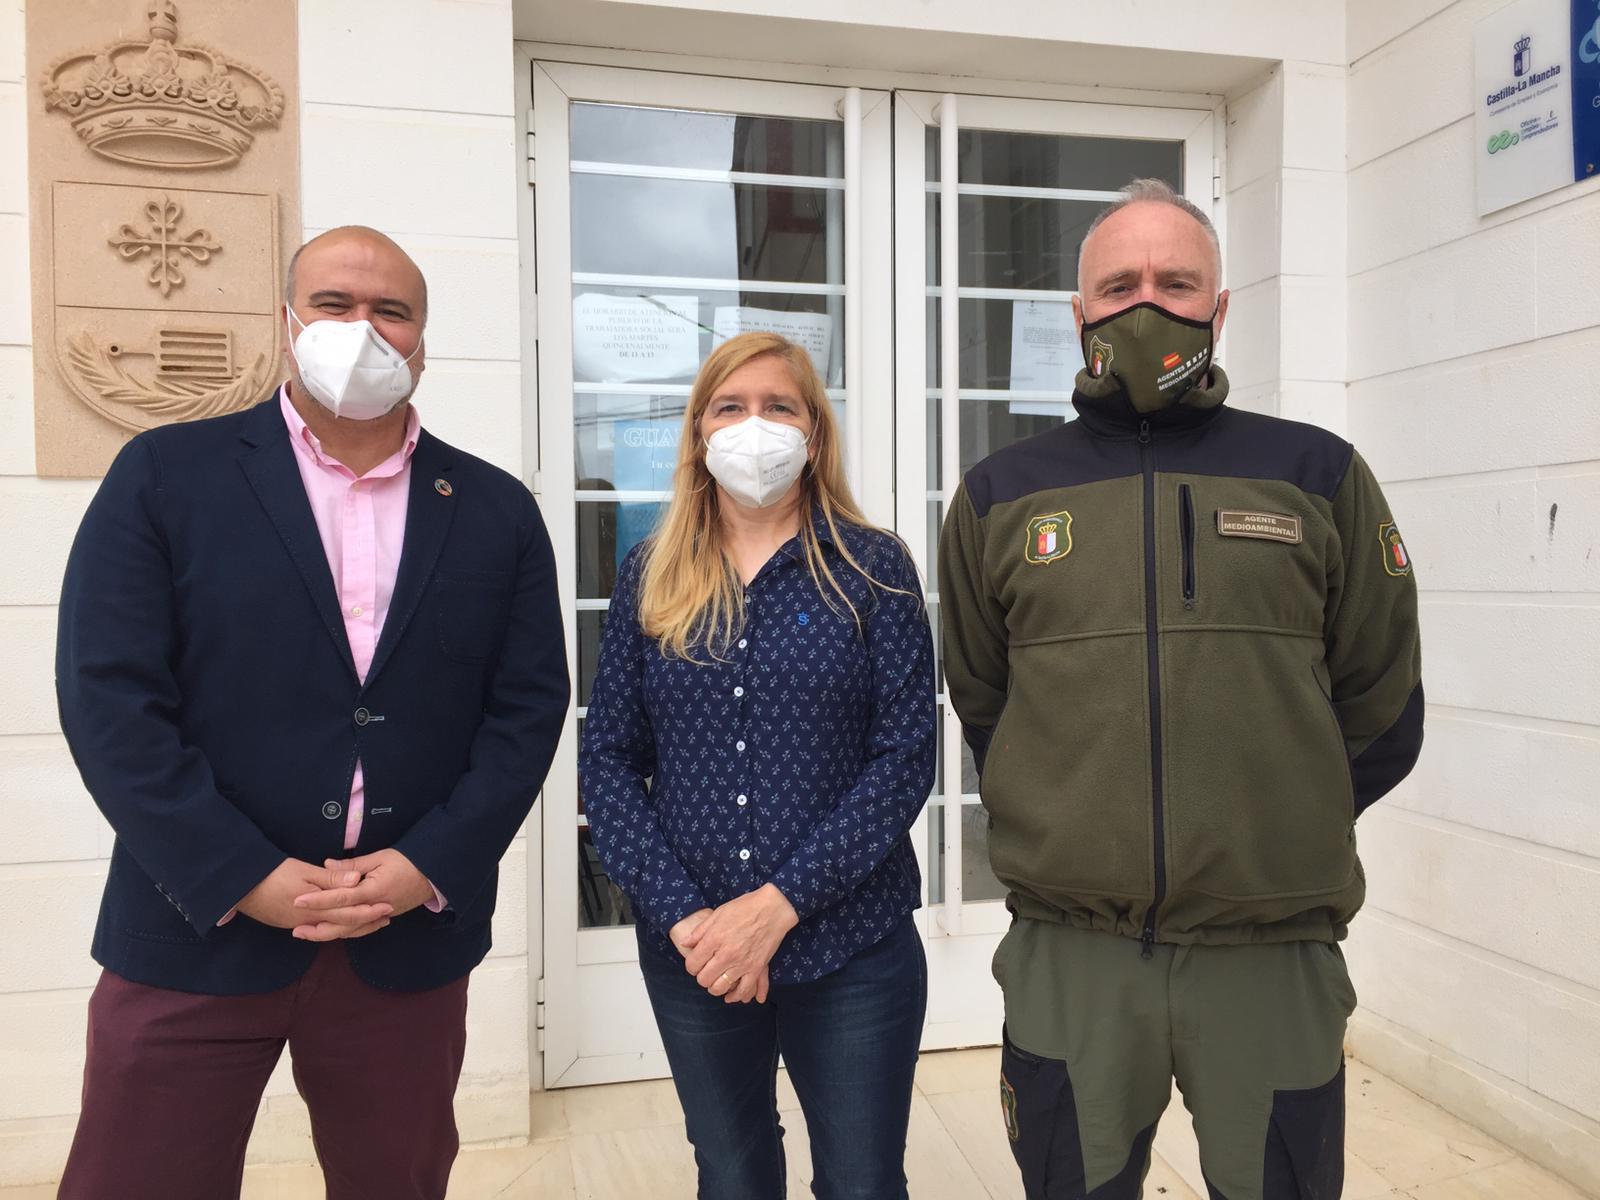 El Gobierno de Castilla-La Mancha estudia con los alcaldes de San Lorenzo de Calatrava y Mestanza la situación del Parque Natural del Valle de Alcudia y Sierra Madrona